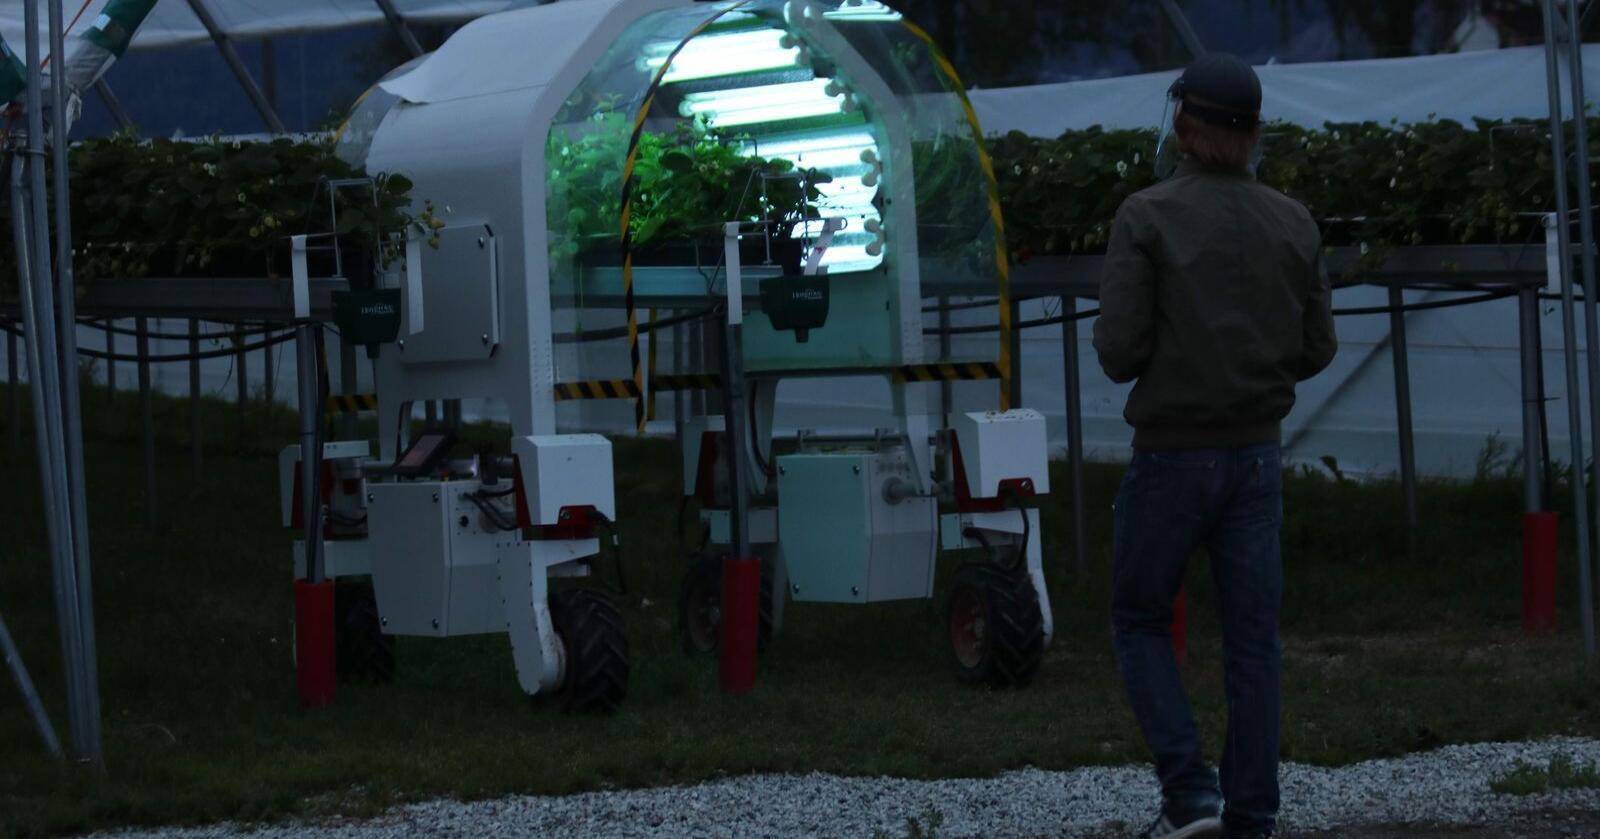 Her UV-behandles jordbær mot meldugg. Behandlingen gjøres av roboten Thorvald, som er levert av Saga Robotics. Foto: Dag Idar Jøsang